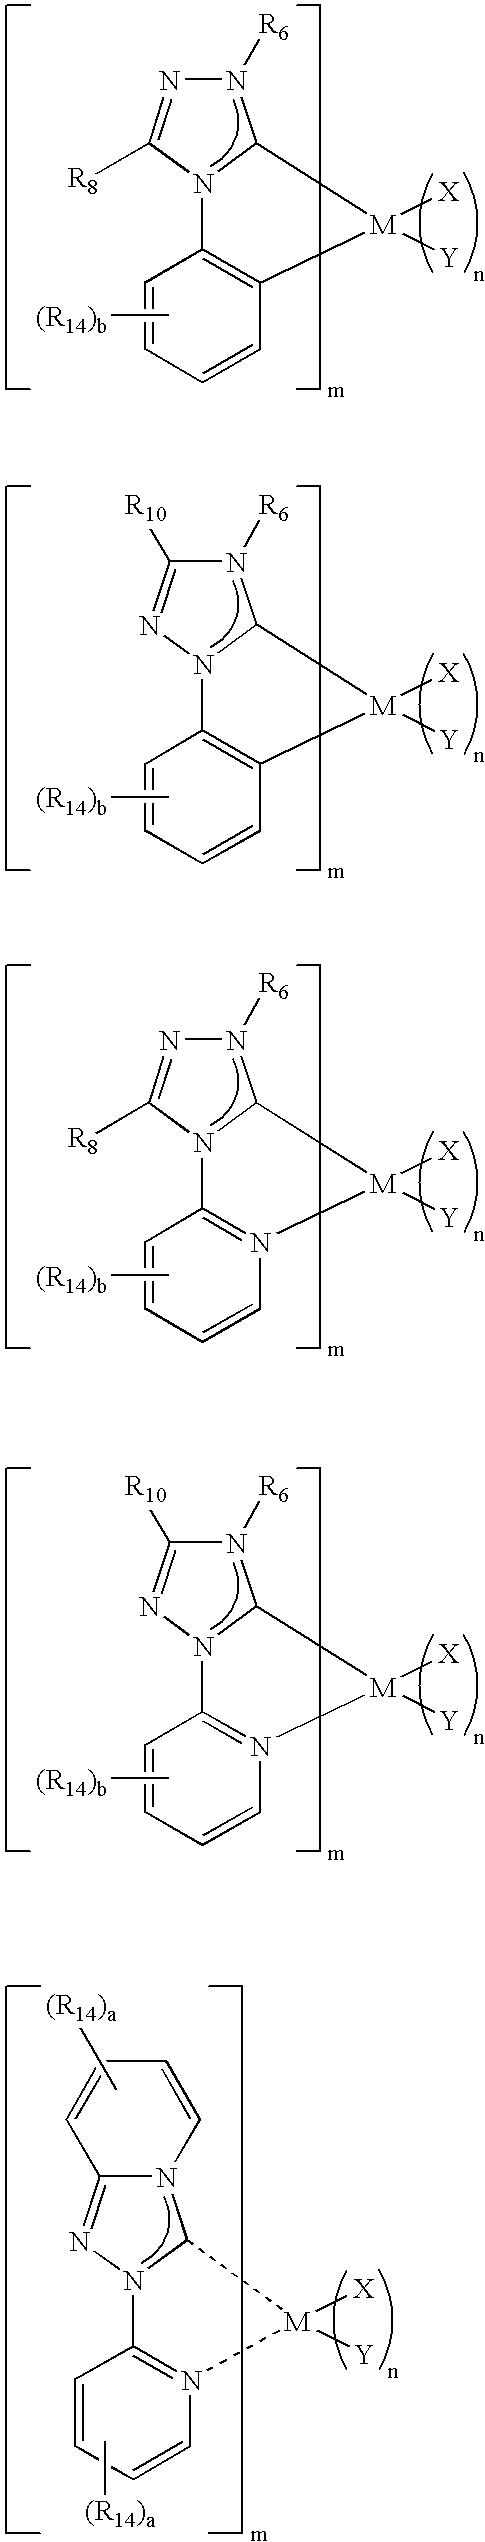 Figure US07445855-20081104-C00042